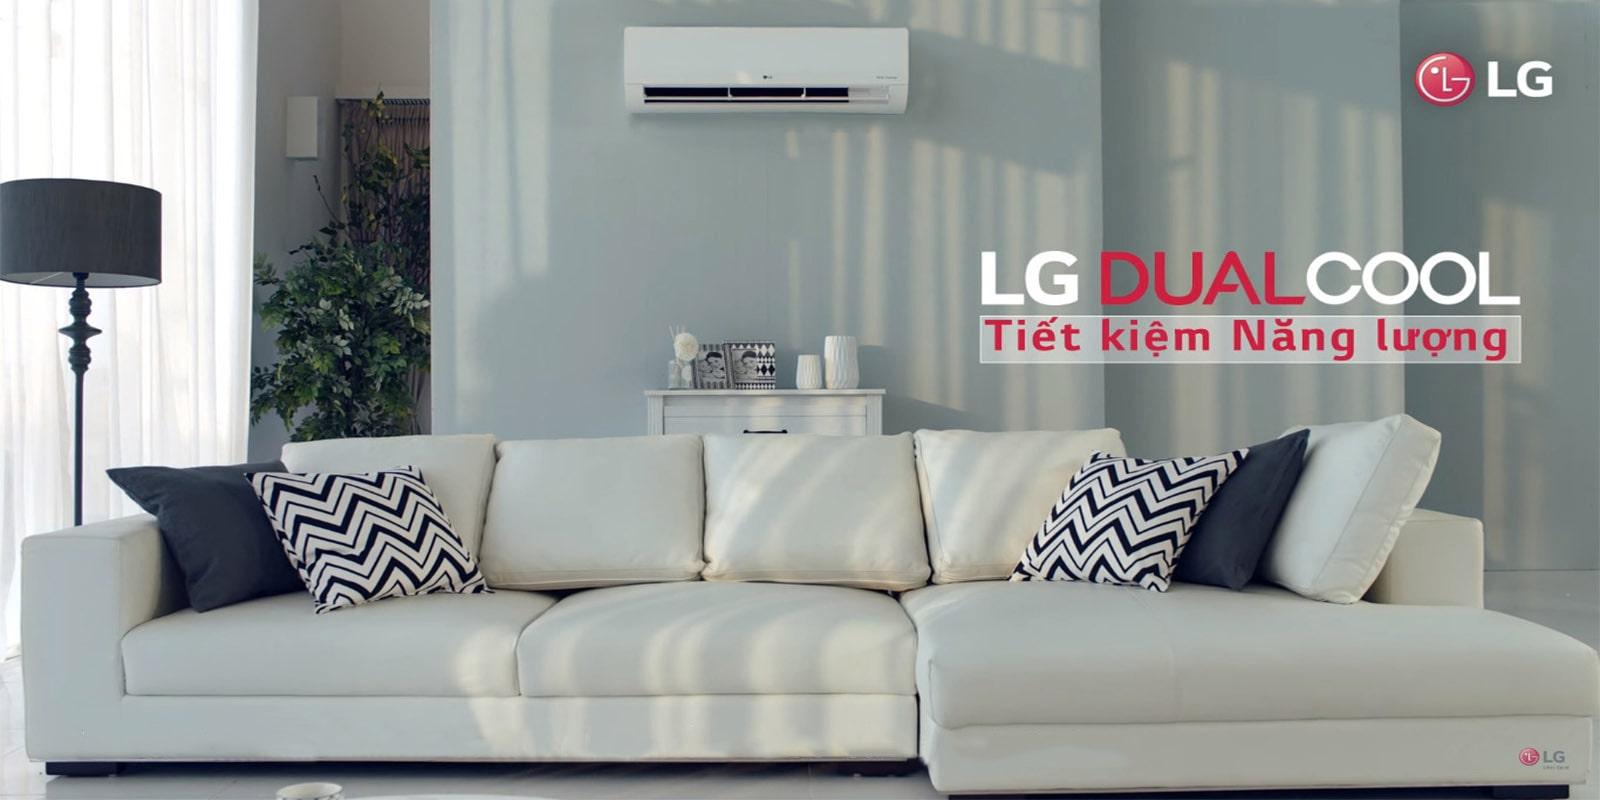 LG-Dual-Cool